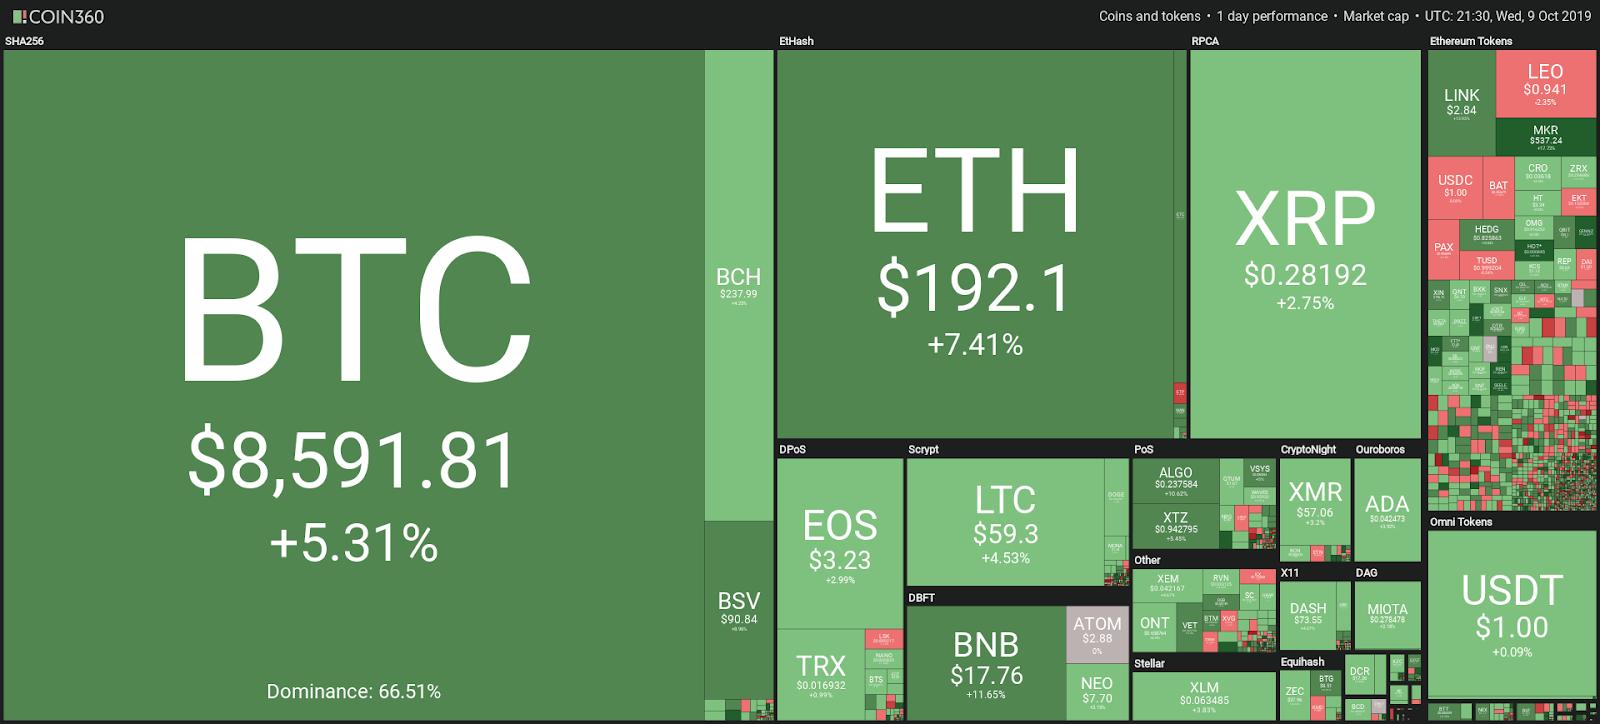 ราคา Bitcoin พุ่งขึ้นแตะ $8,600 และ Altcoin ฟื้นตัวตาม